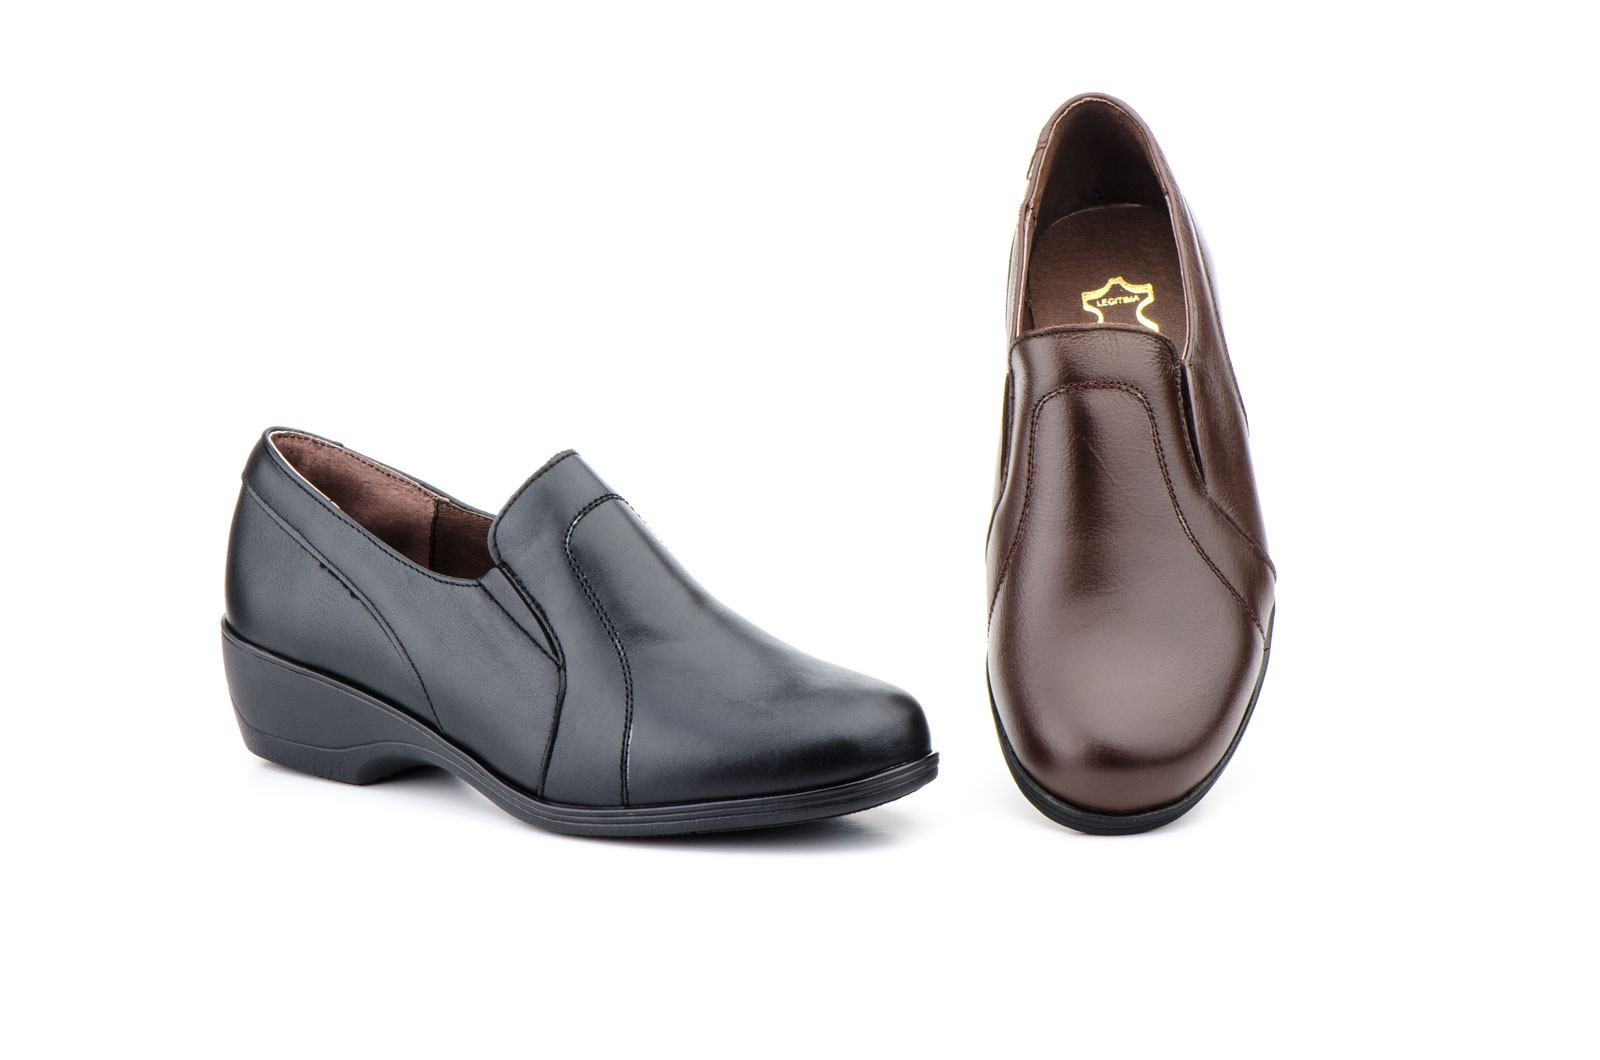 Zapatos Mujer Ancho Especial Piel